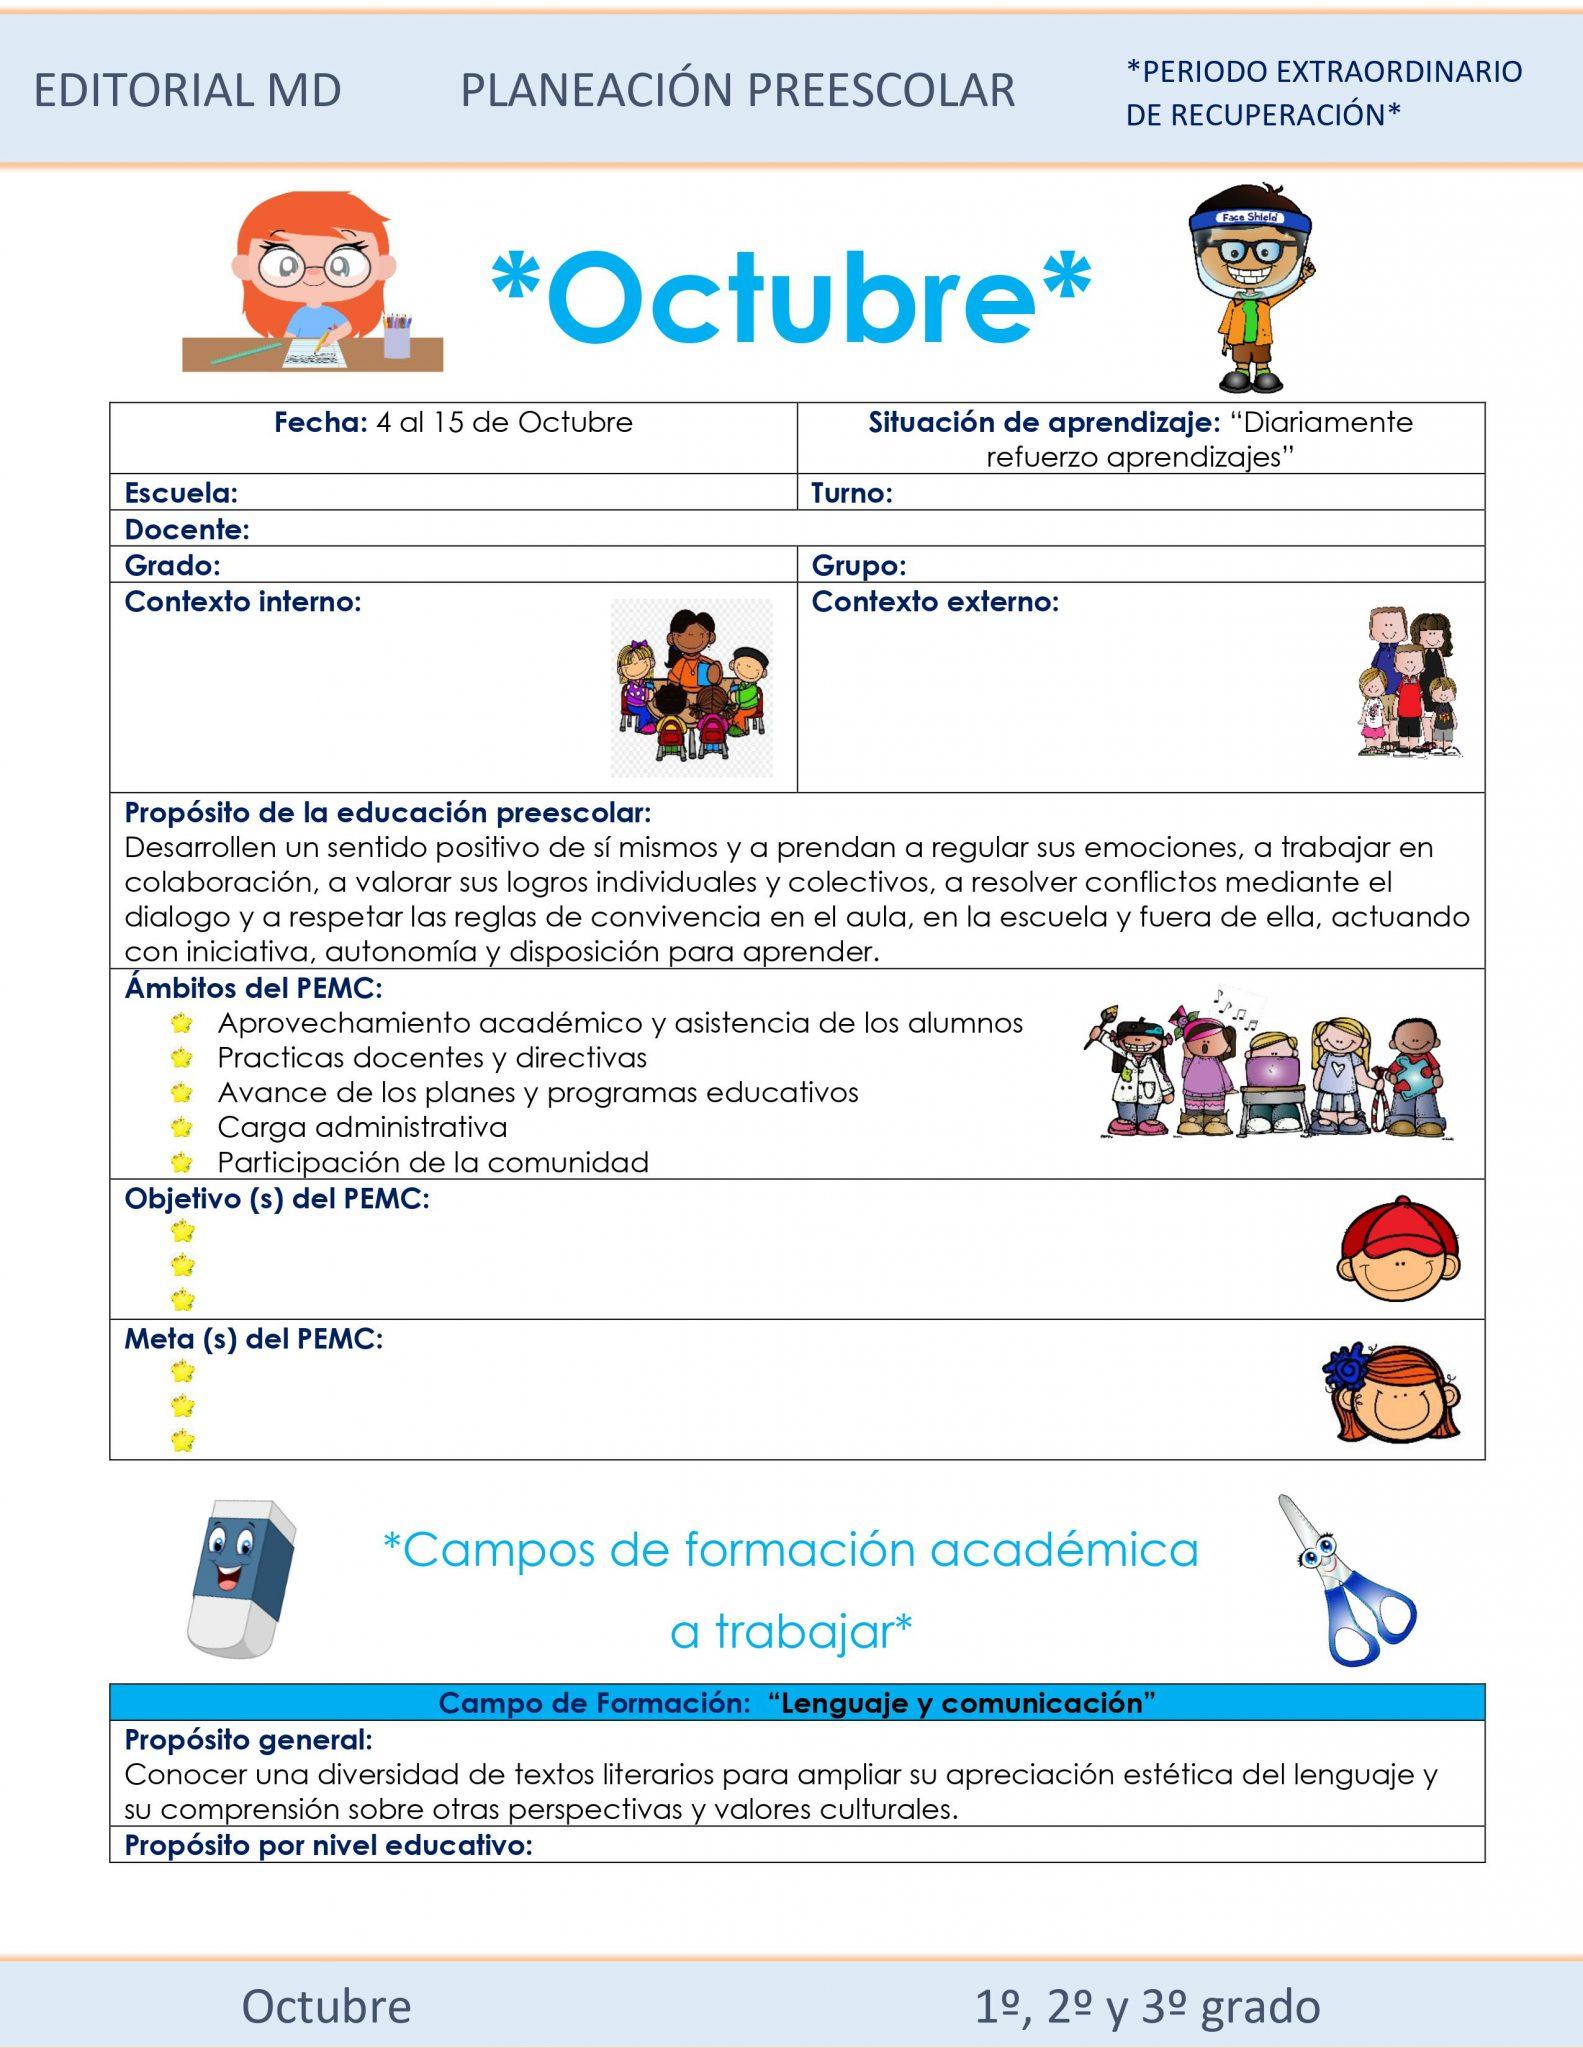 Planeación de octubre de preescolar hibrida 2021